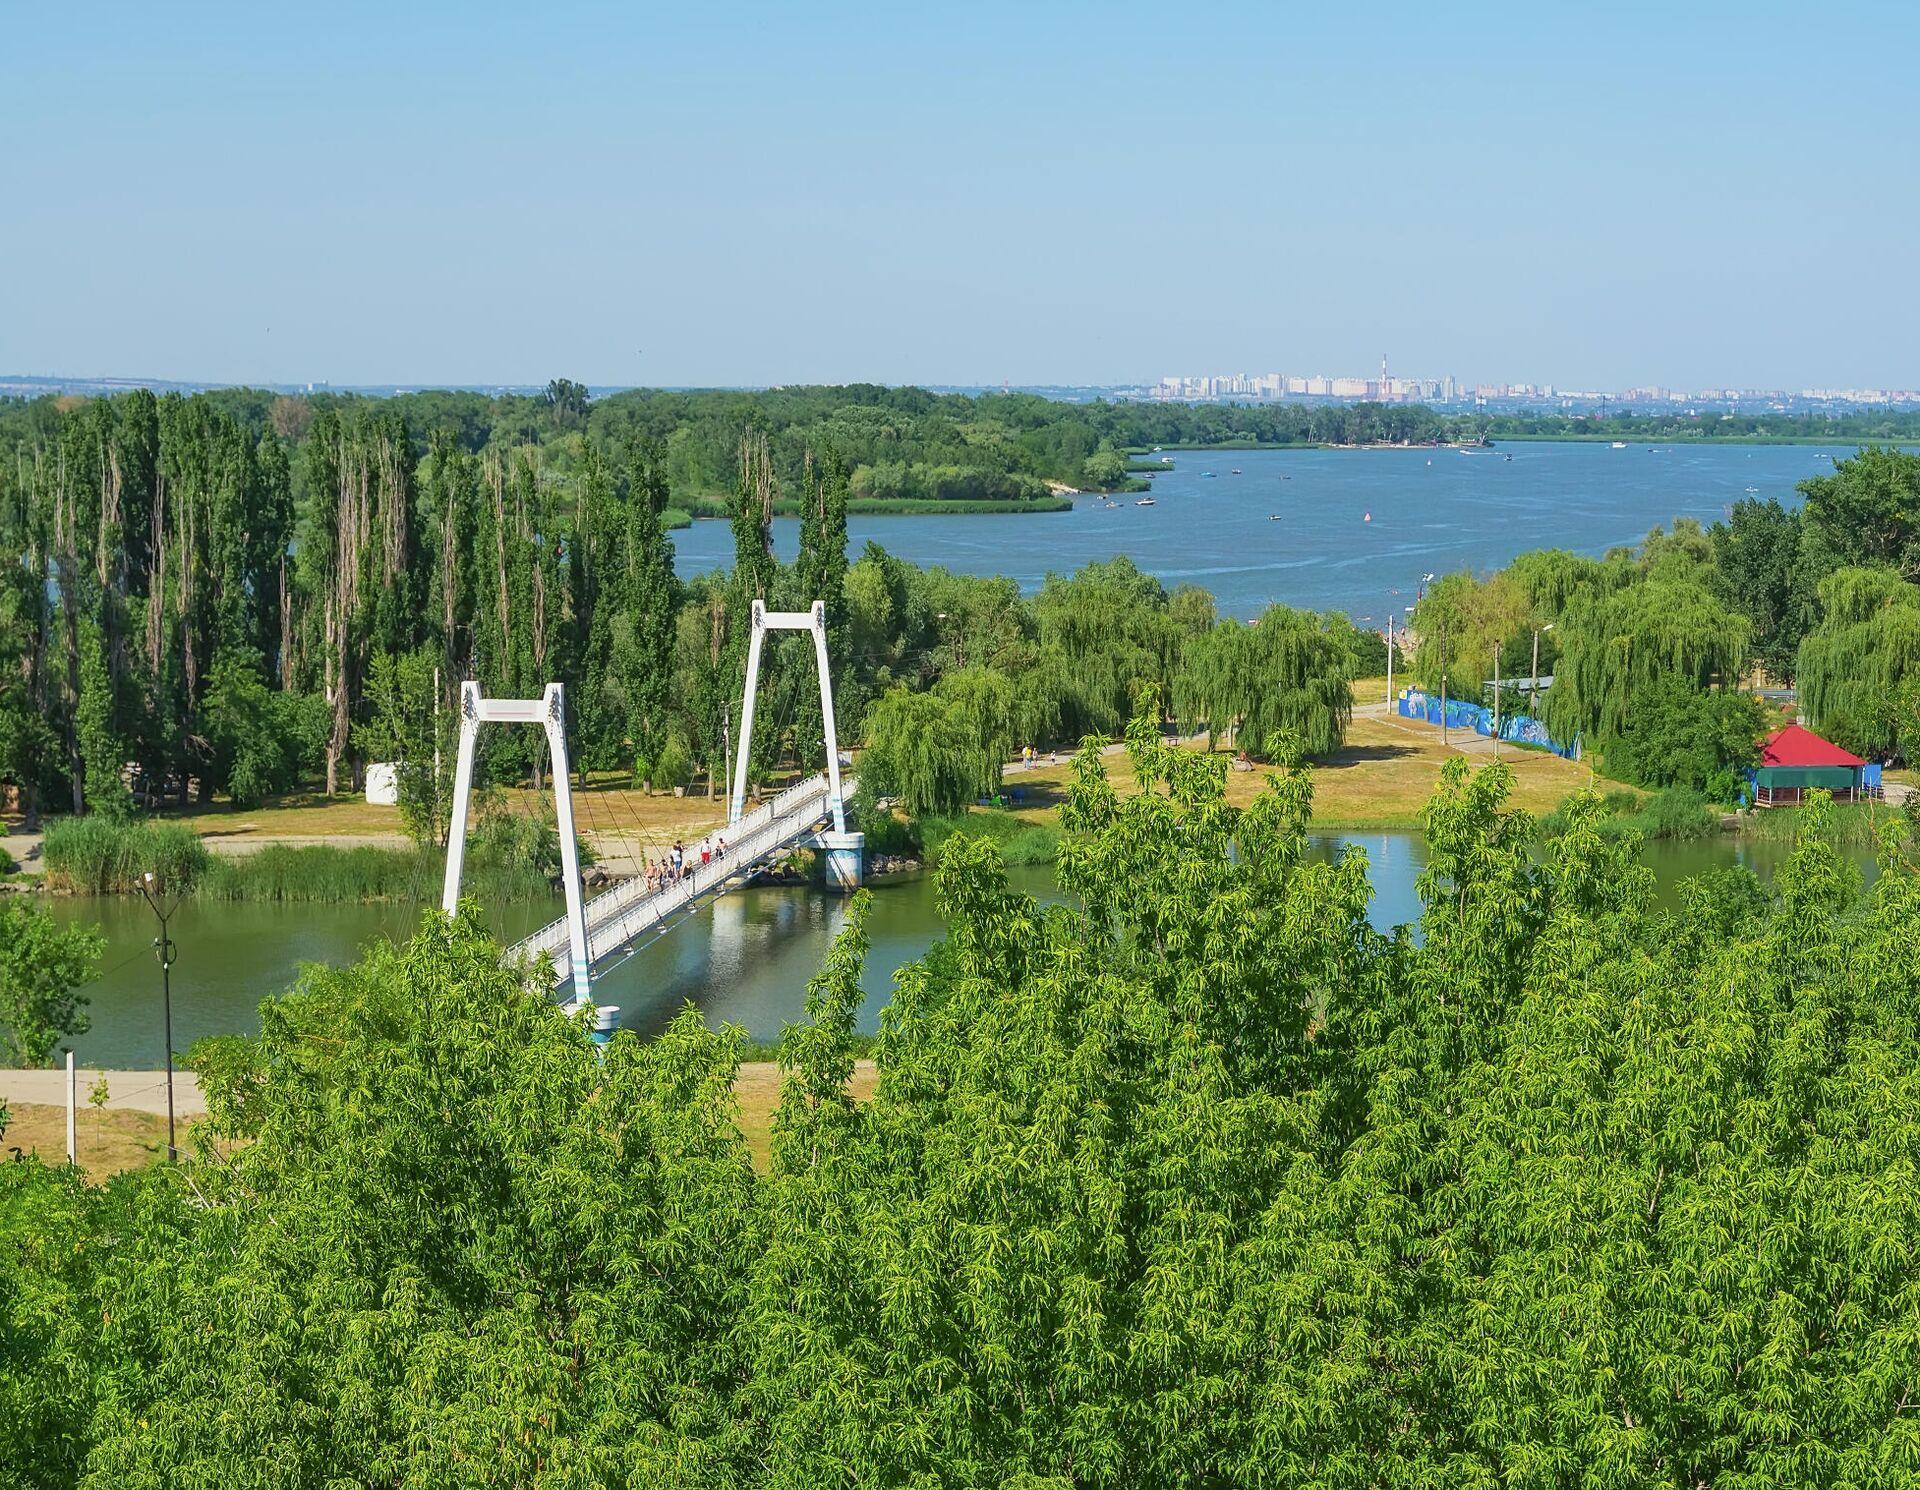 Вид на реку Дон  - РИА Новости, 1920, 28.09.2021